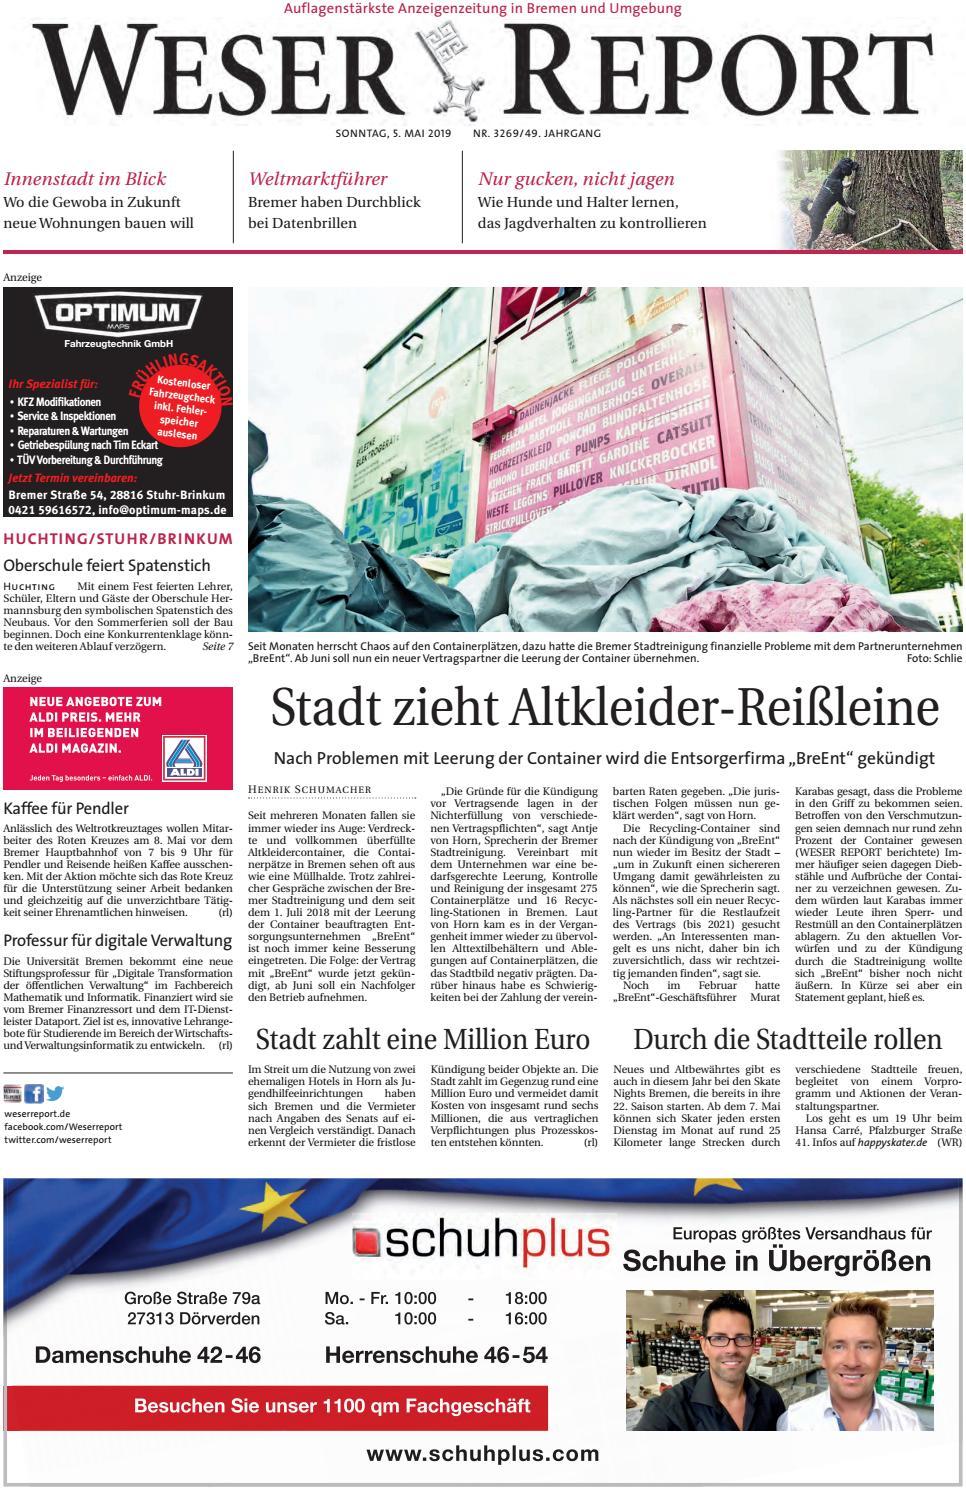 Weser Report Huchting Stuhr Brinkum Vom 05 05 2019 By Kps